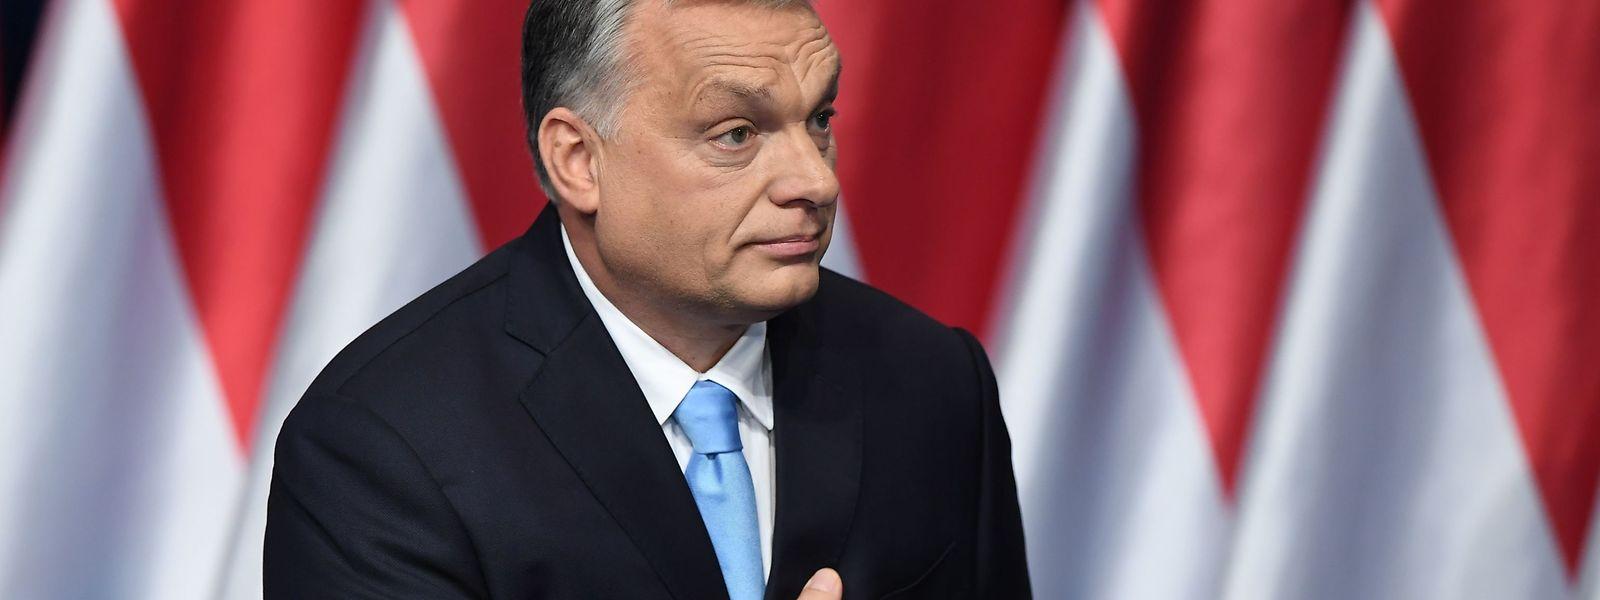 """""""Brüssel ist die Hochburg des neuen Internationalismus, ihr Werkzeug ist die Migration"""", sagte Viktor Orban in seiner Rede am Sonntag."""